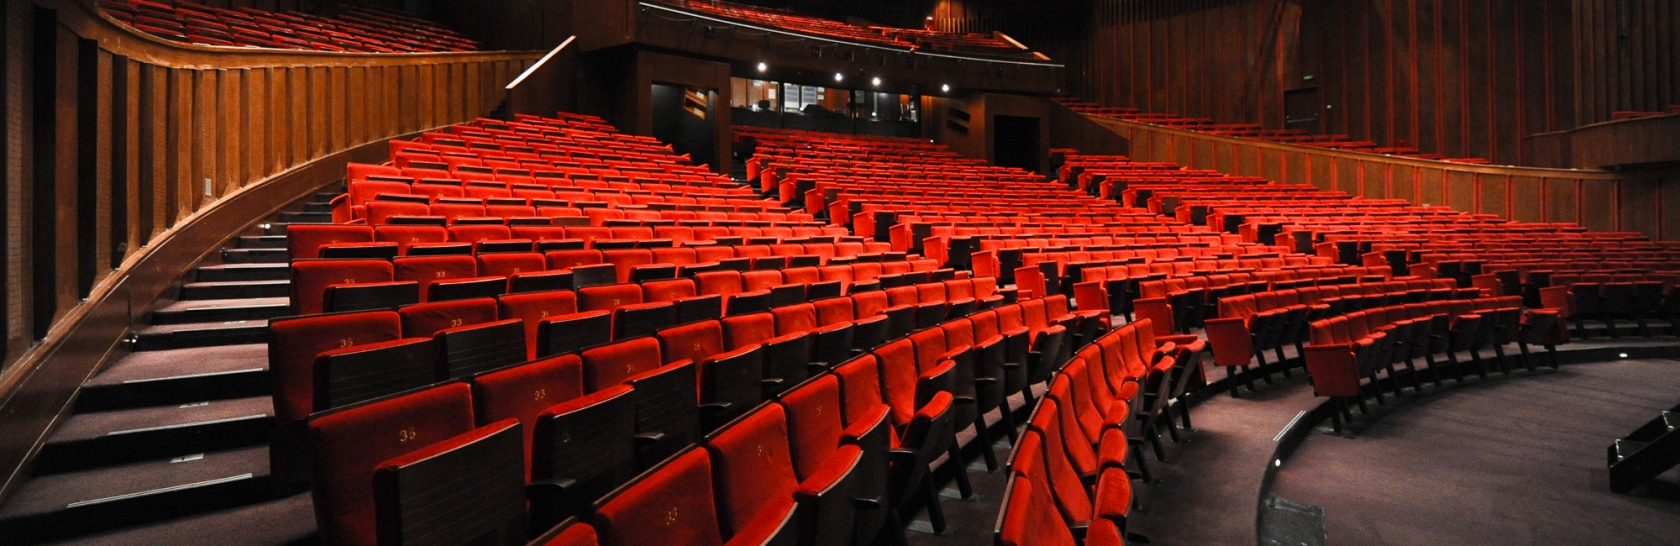 Maison De La Salle visite 360° de la maison de la danse